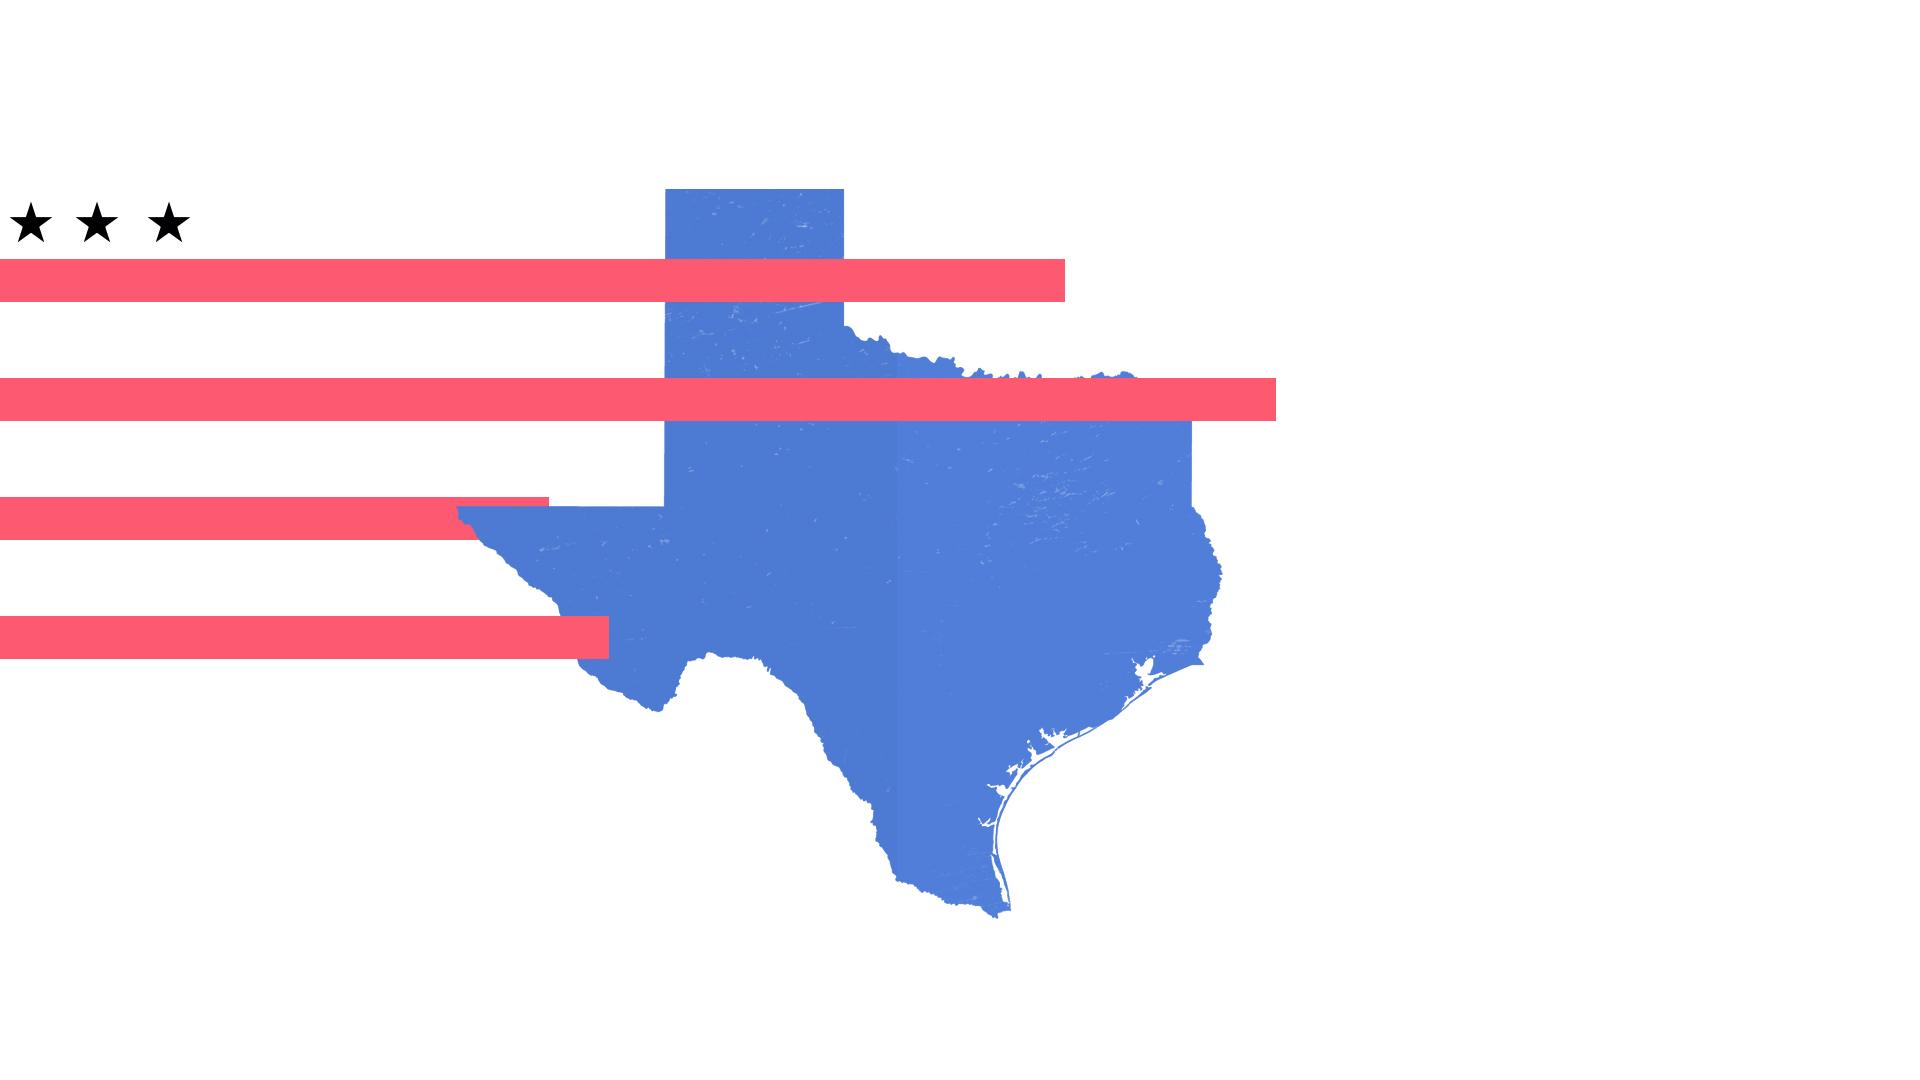 Ilustración del estado de Texas